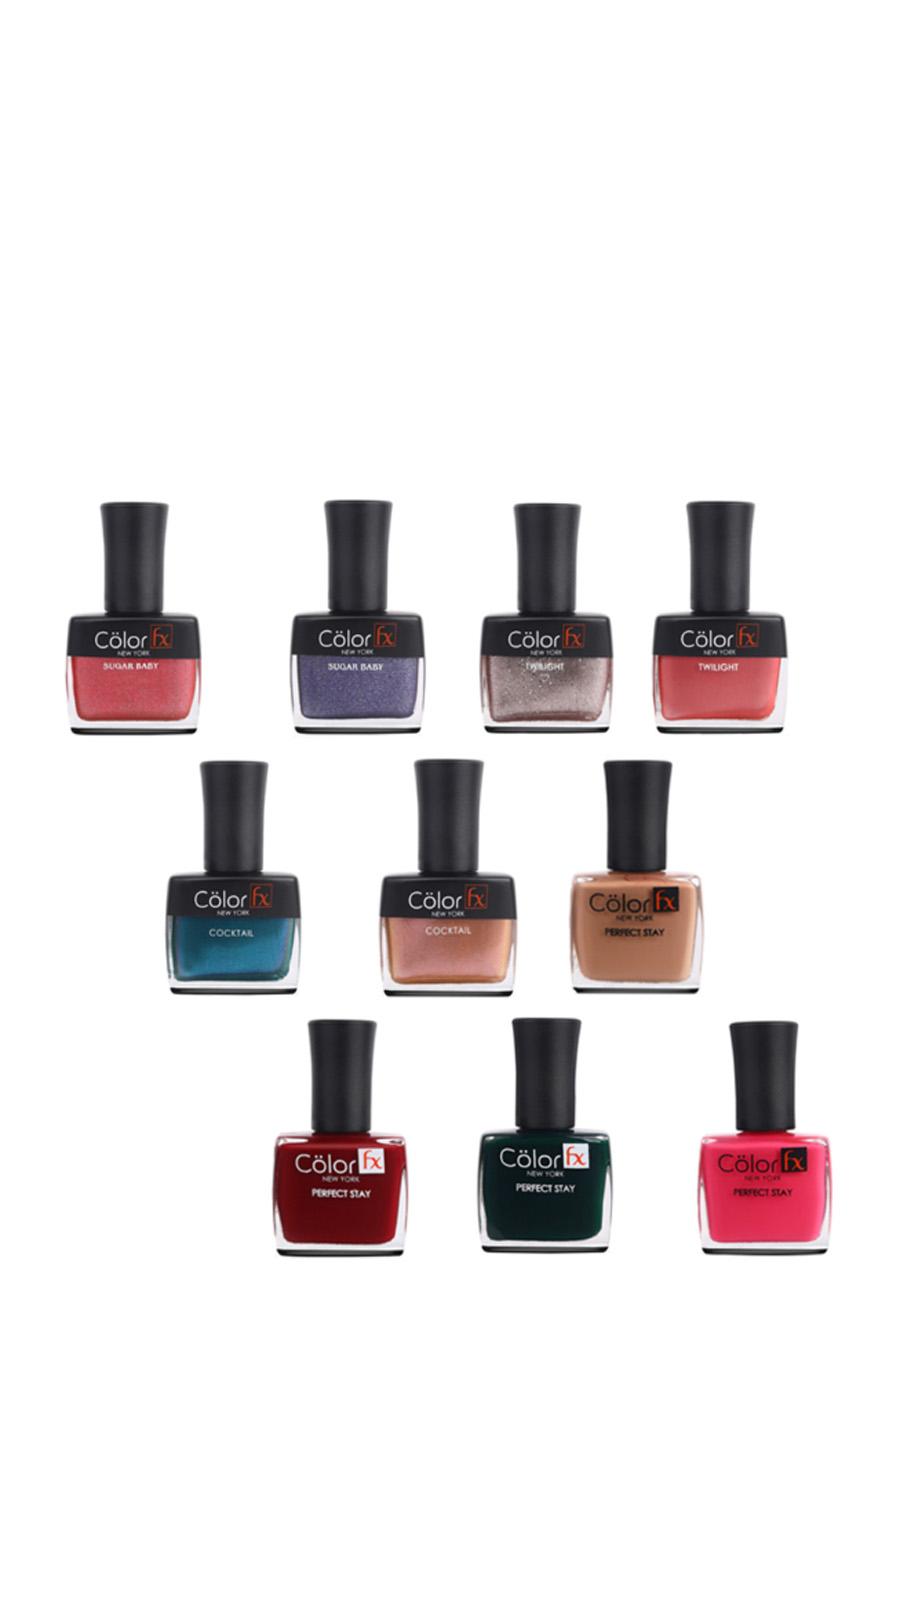 Color Fx | Color Fx Nail Enamel Super Saver Pack of 10